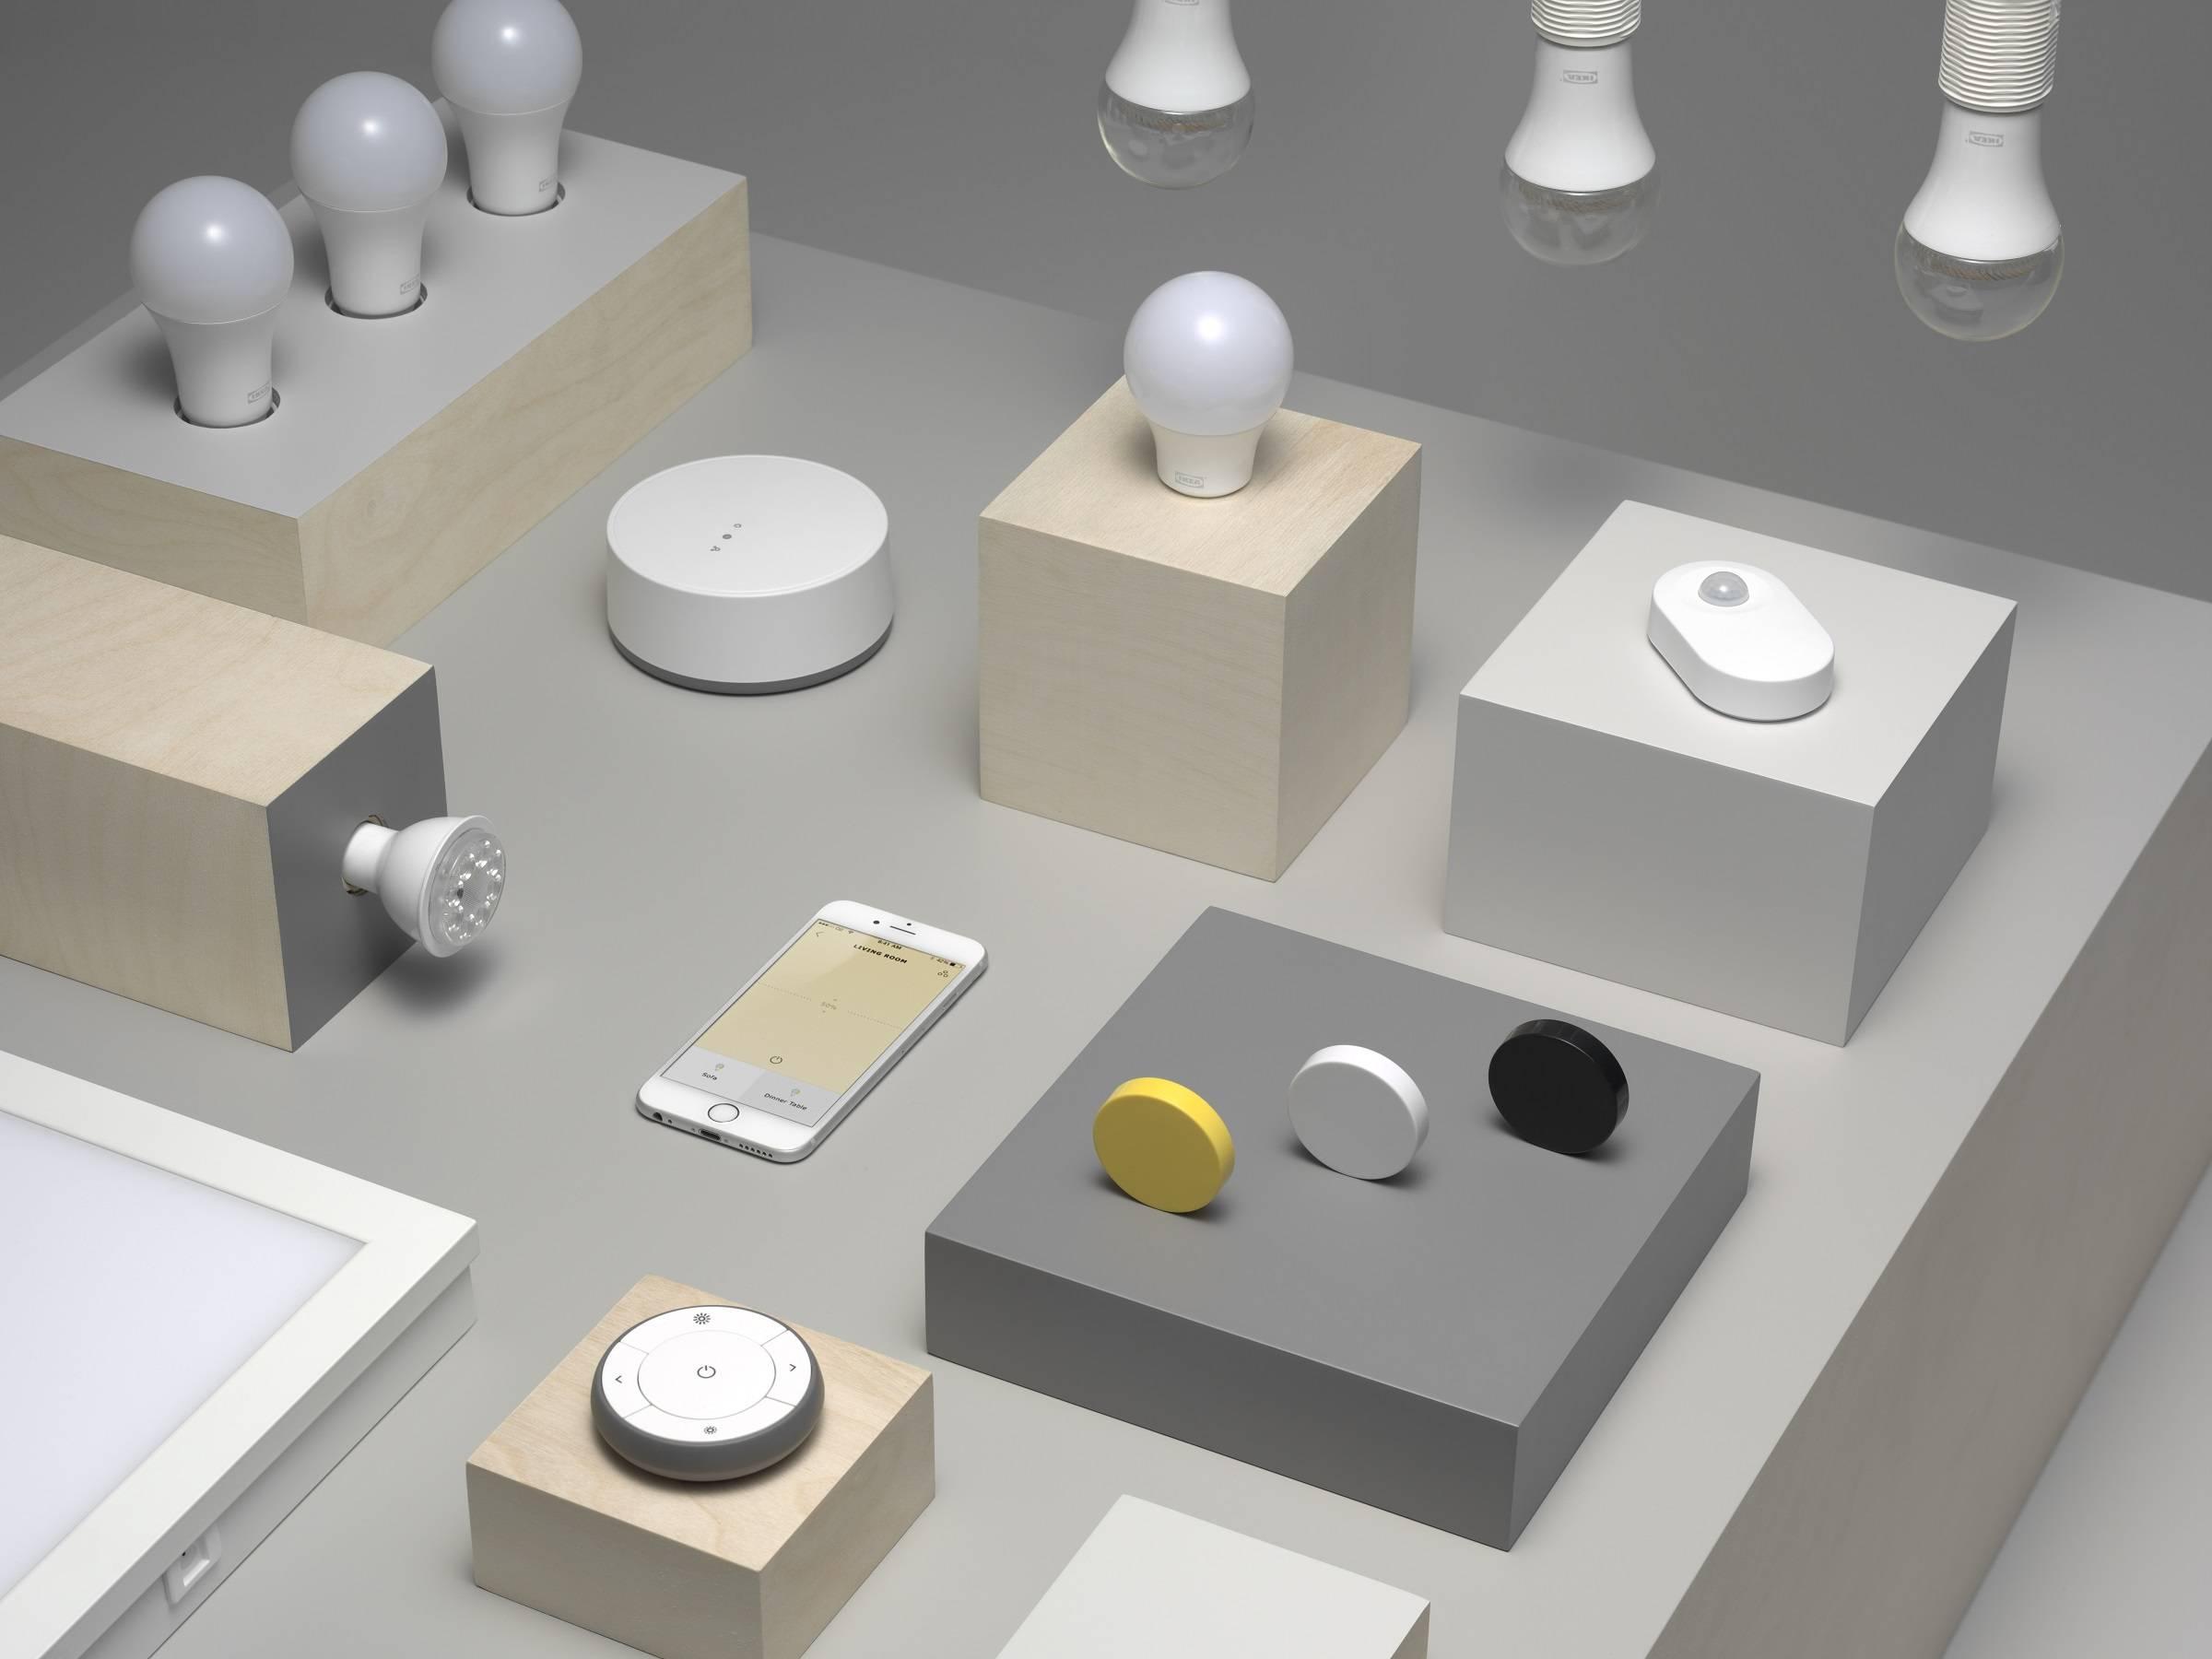 Ikea Smart Home La Empresa Va All In Y Podría Cambiar El